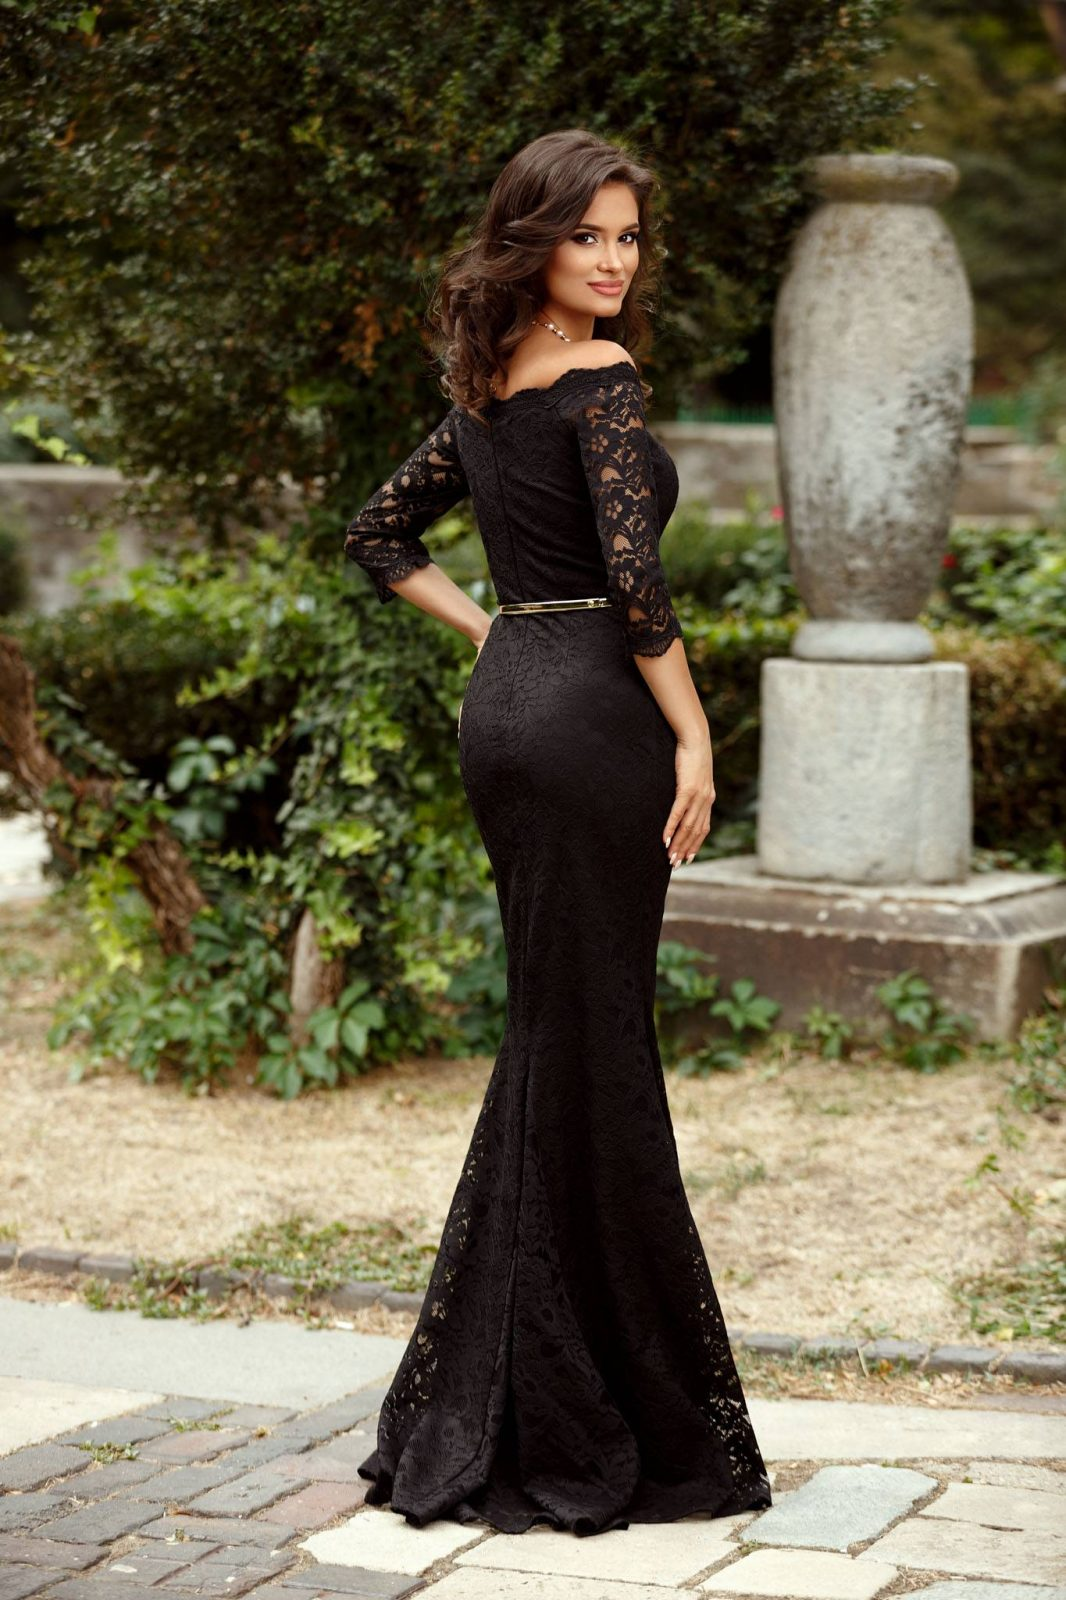 Indilla Μαύρο Φόρεμα 2365